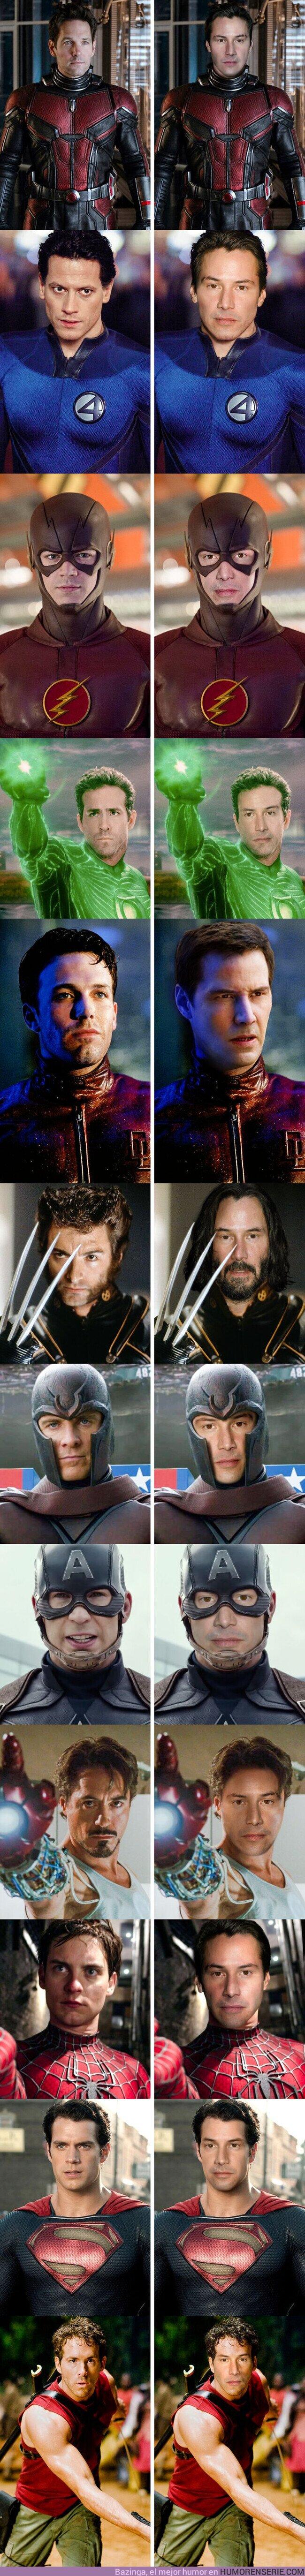 59656 - GALERÍA: Imaginamos cómo lucirían 12 superhéroes si fueran interpretados por Keanu Reeves y este es el resultado